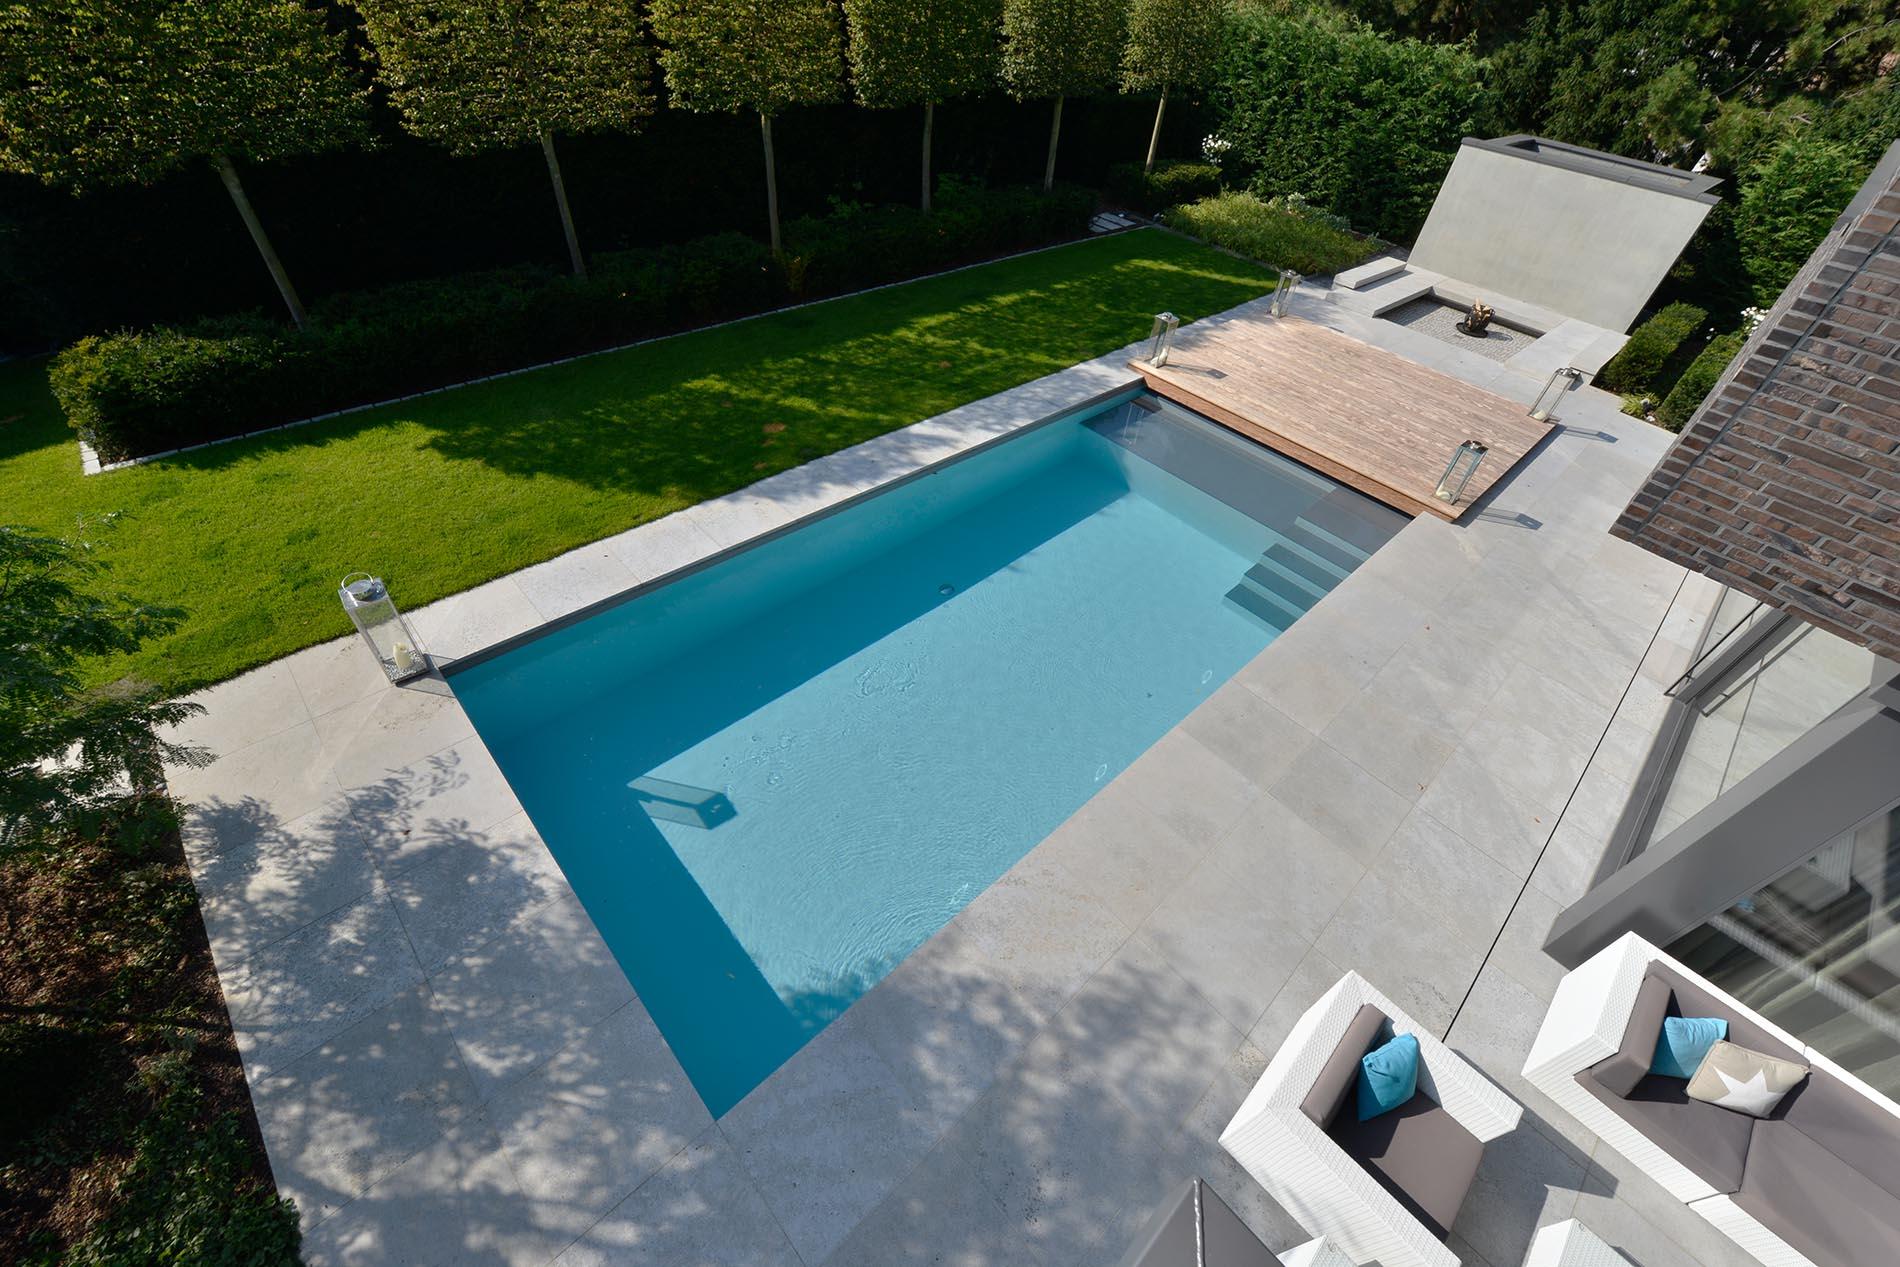 Terrassenplatten und Poolumrandung aus Muschelkalk von TRACO